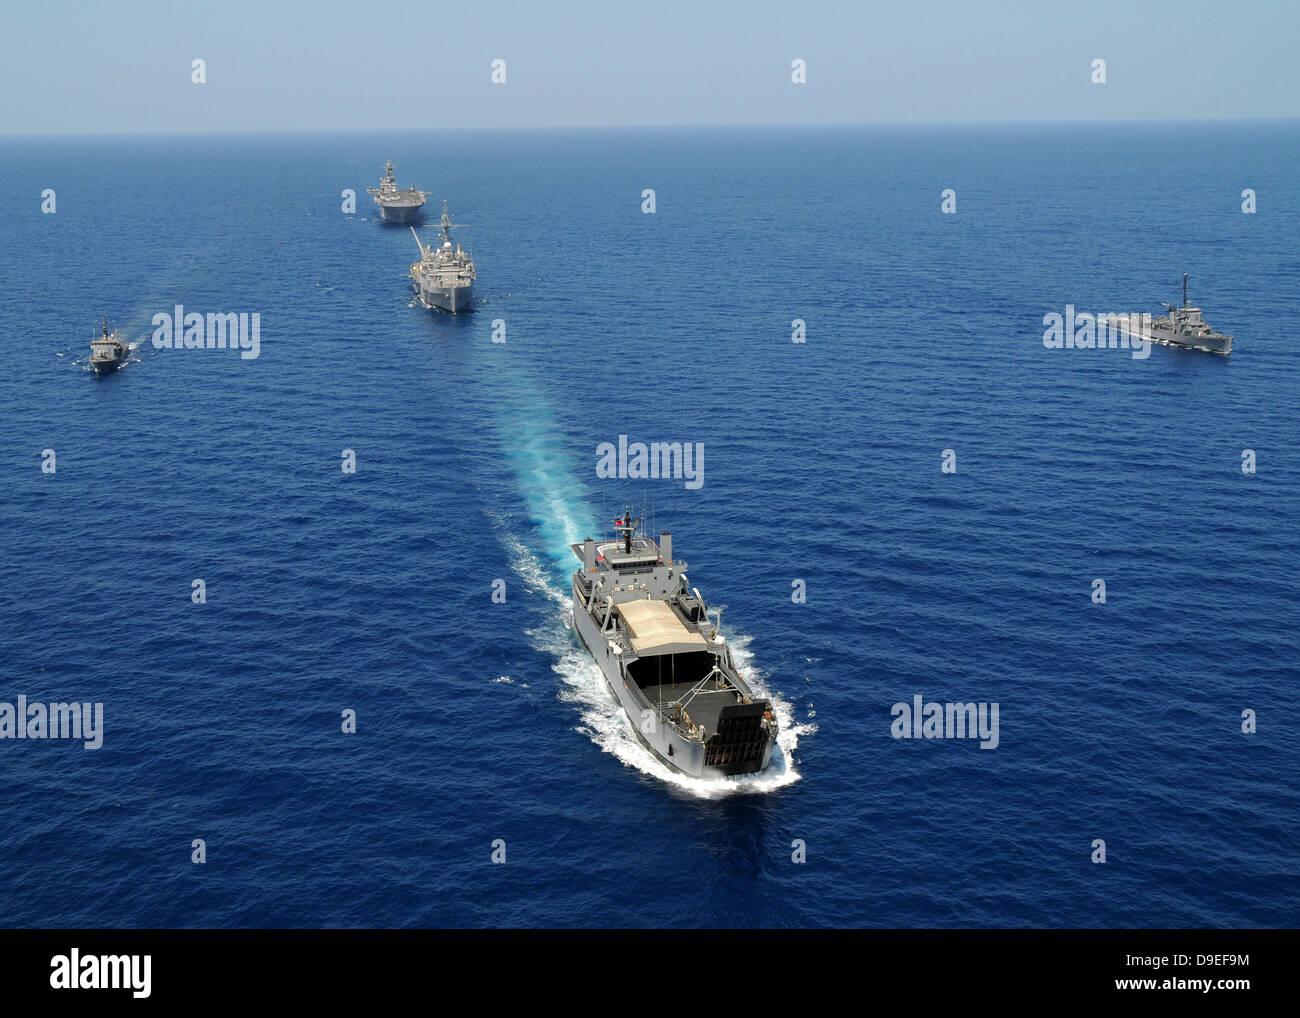 Die Republik der Philippinen Marine Schiffe cruise in Bildung und Teilnahme an Übung Balikatan 2010. Stockbild